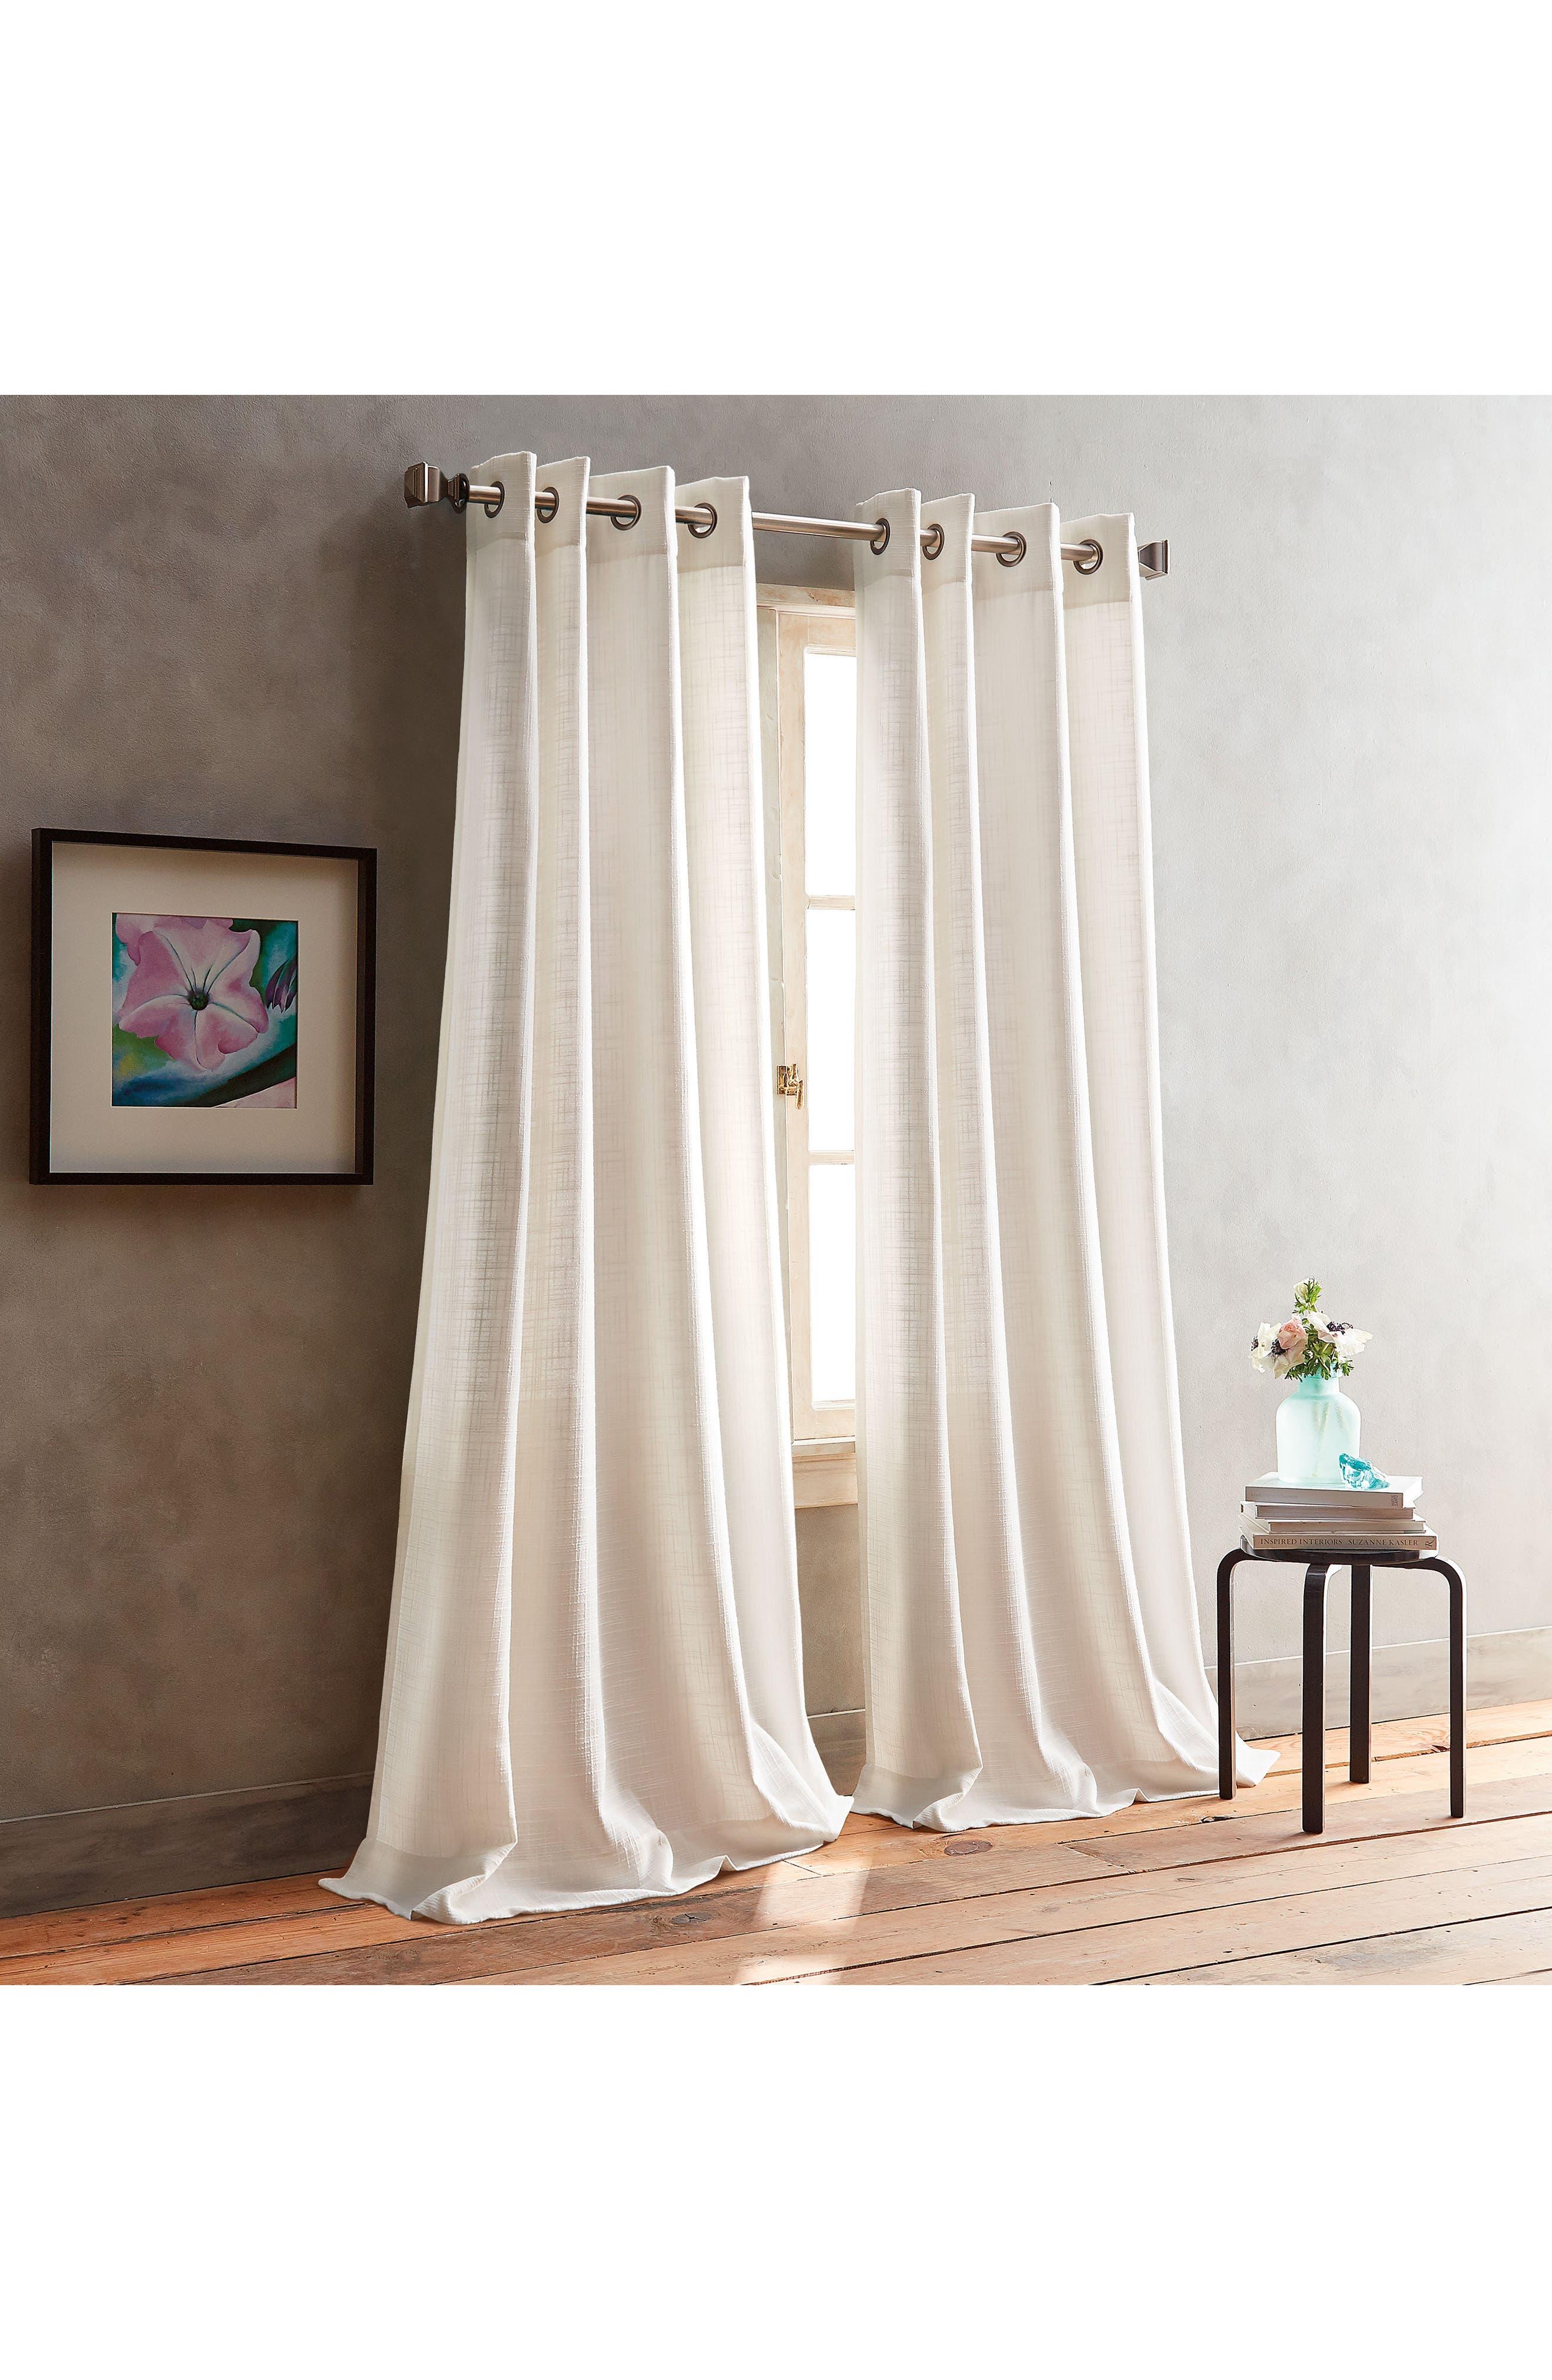 Bouclé Plaid Set of 2 Window Panels,                         Main,                         color, White